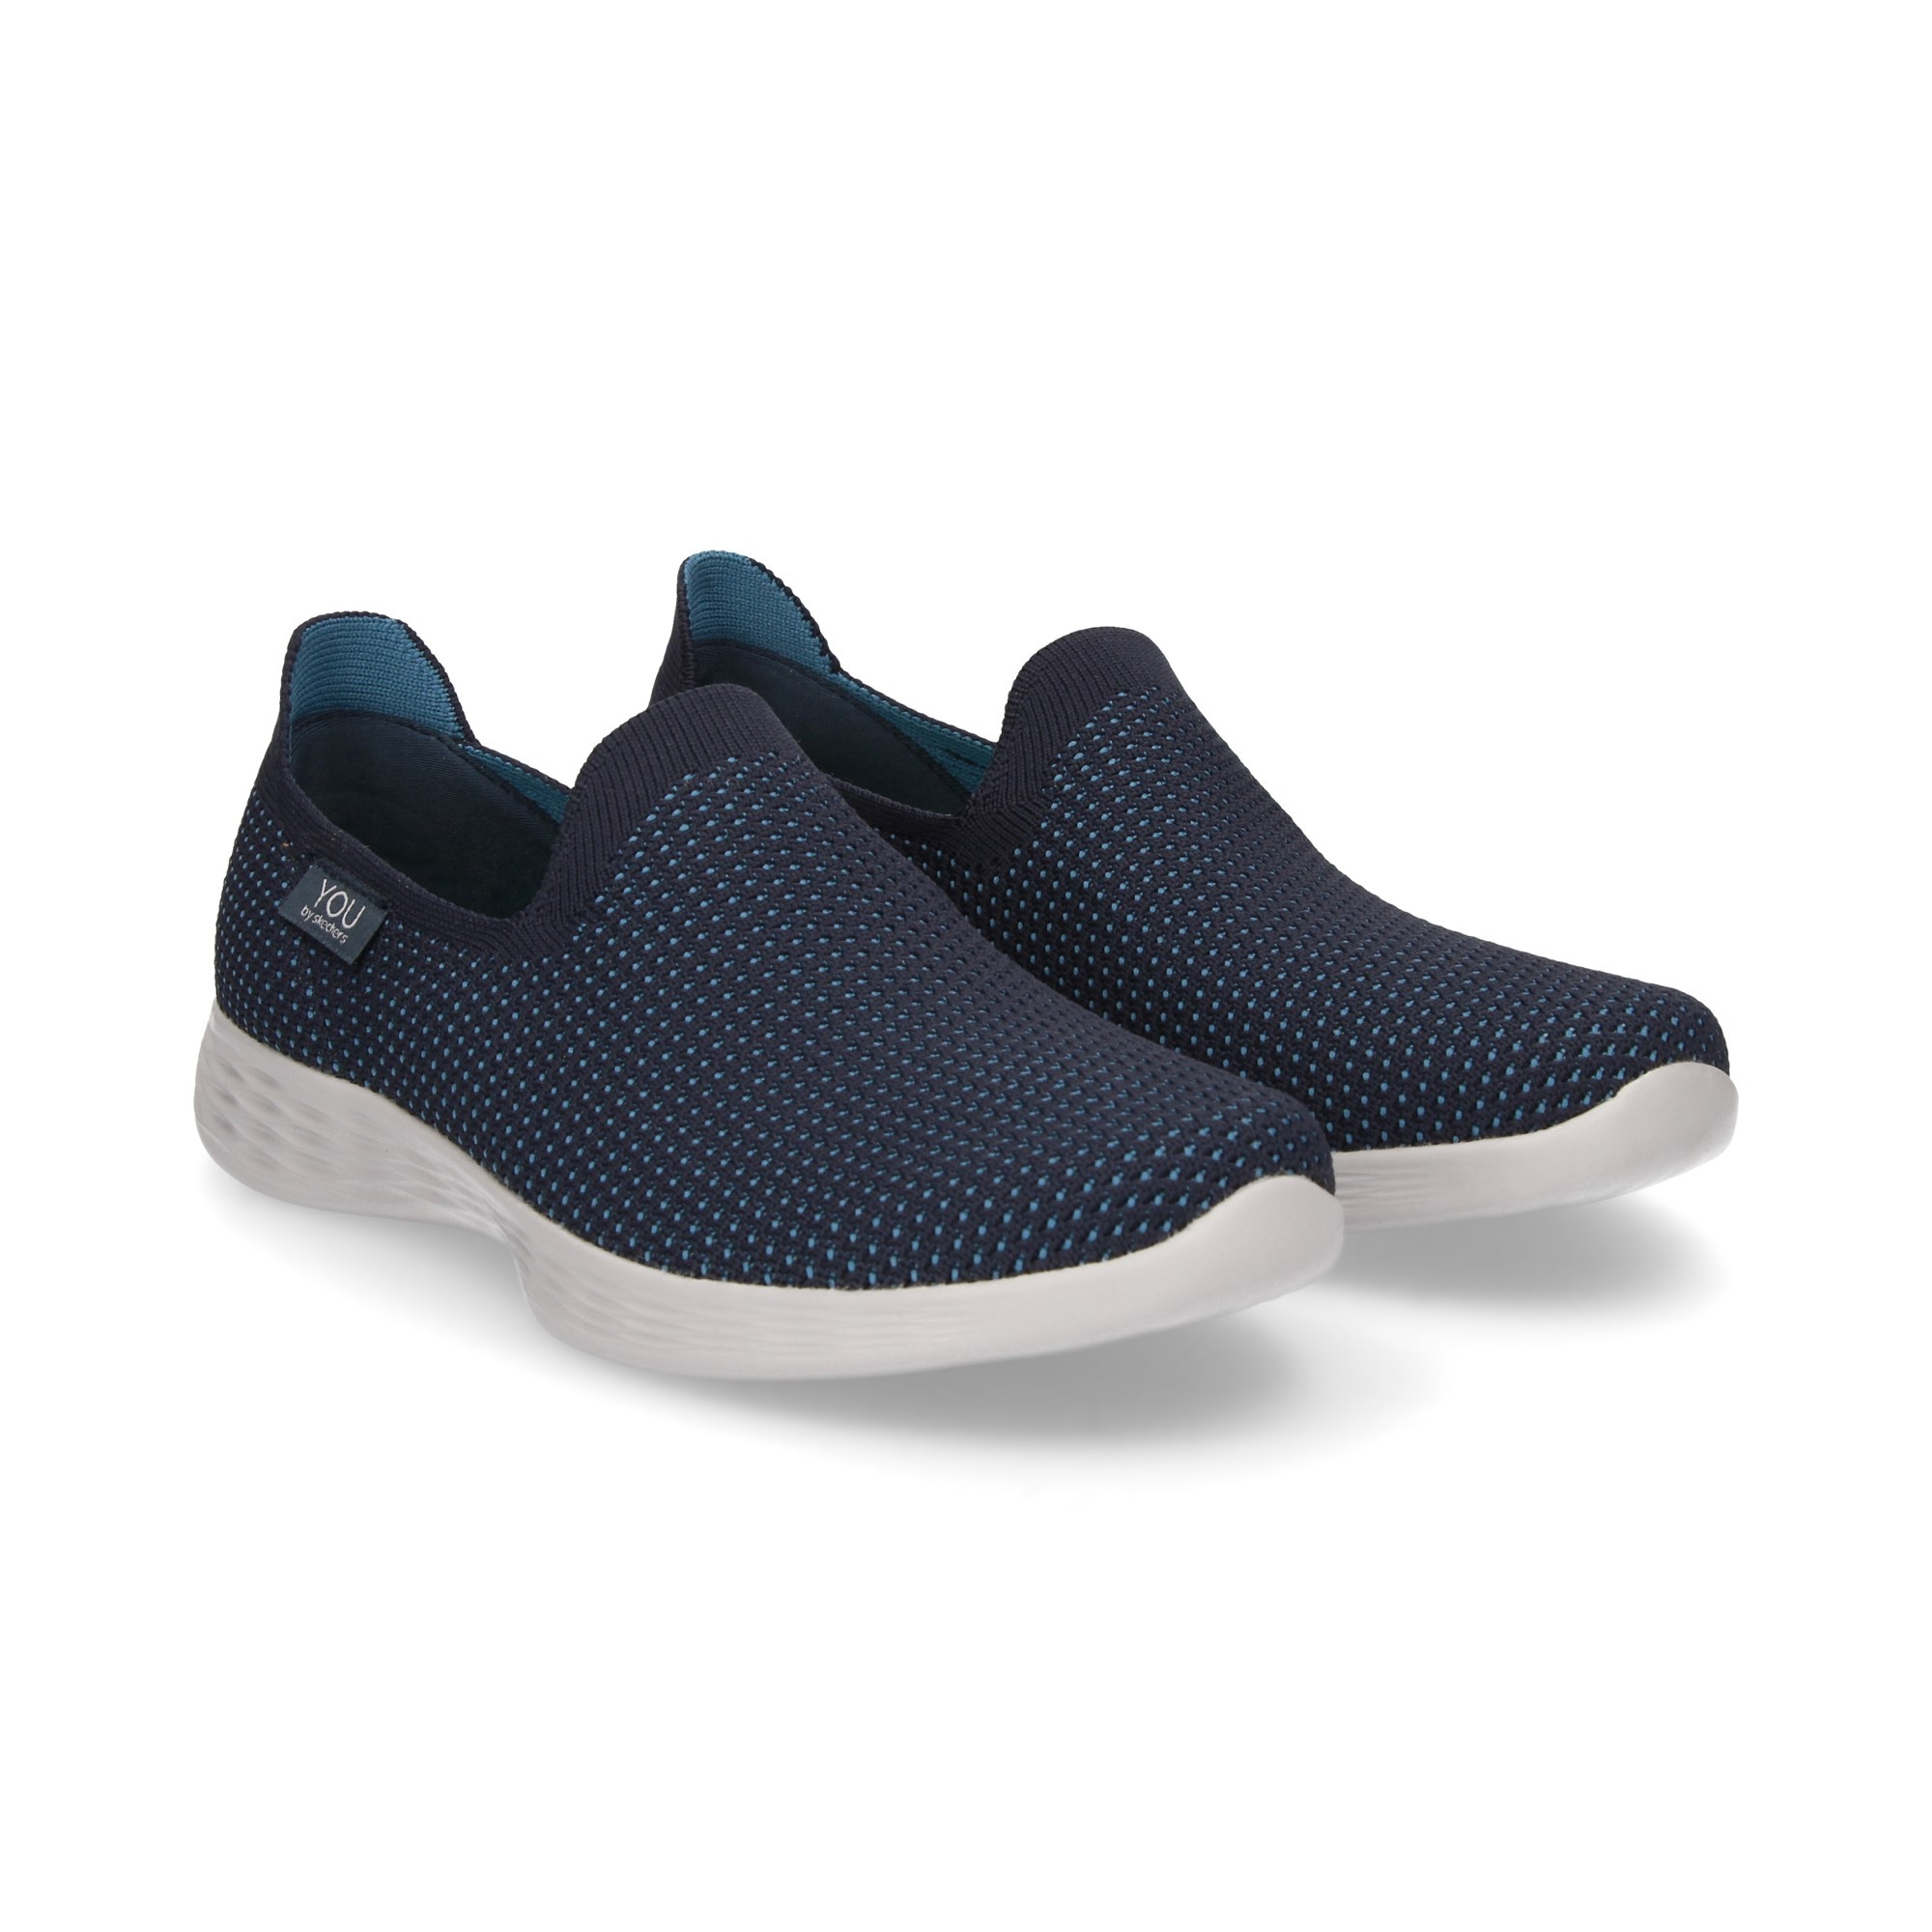 SKECHERS Women's Sneakers 14956 NVBL